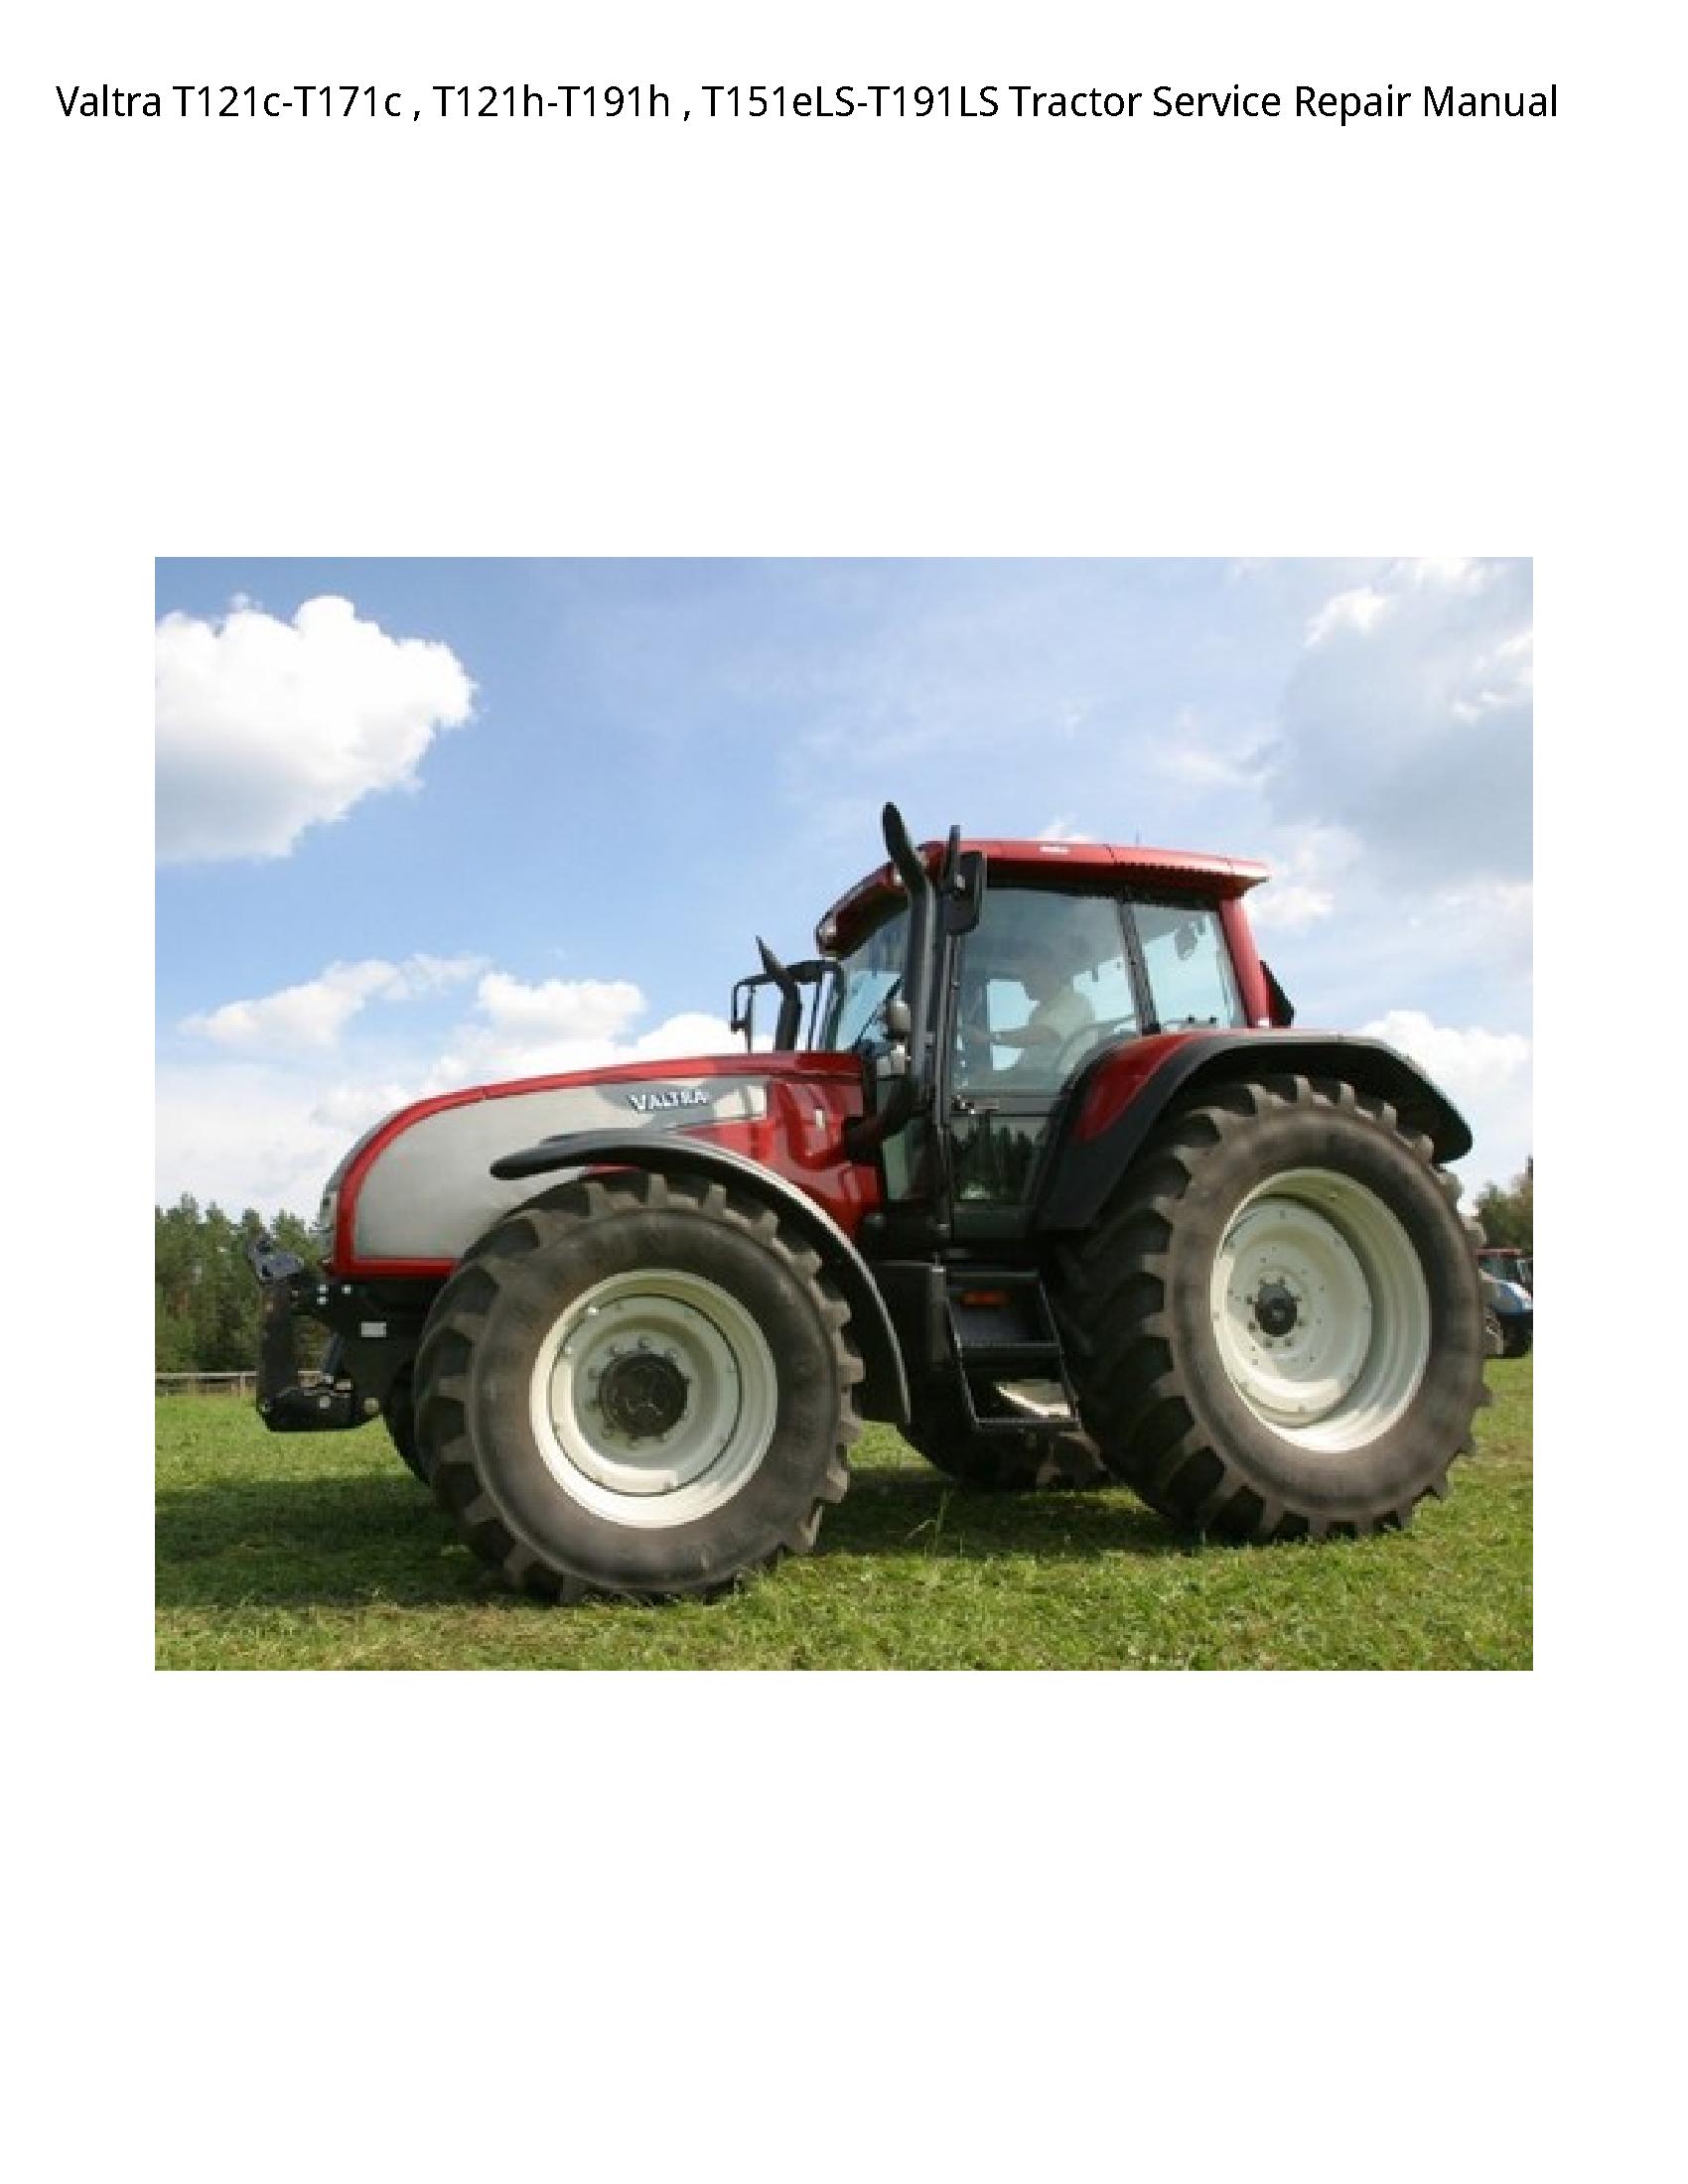 Valtra T121c-T171c Tractor manual